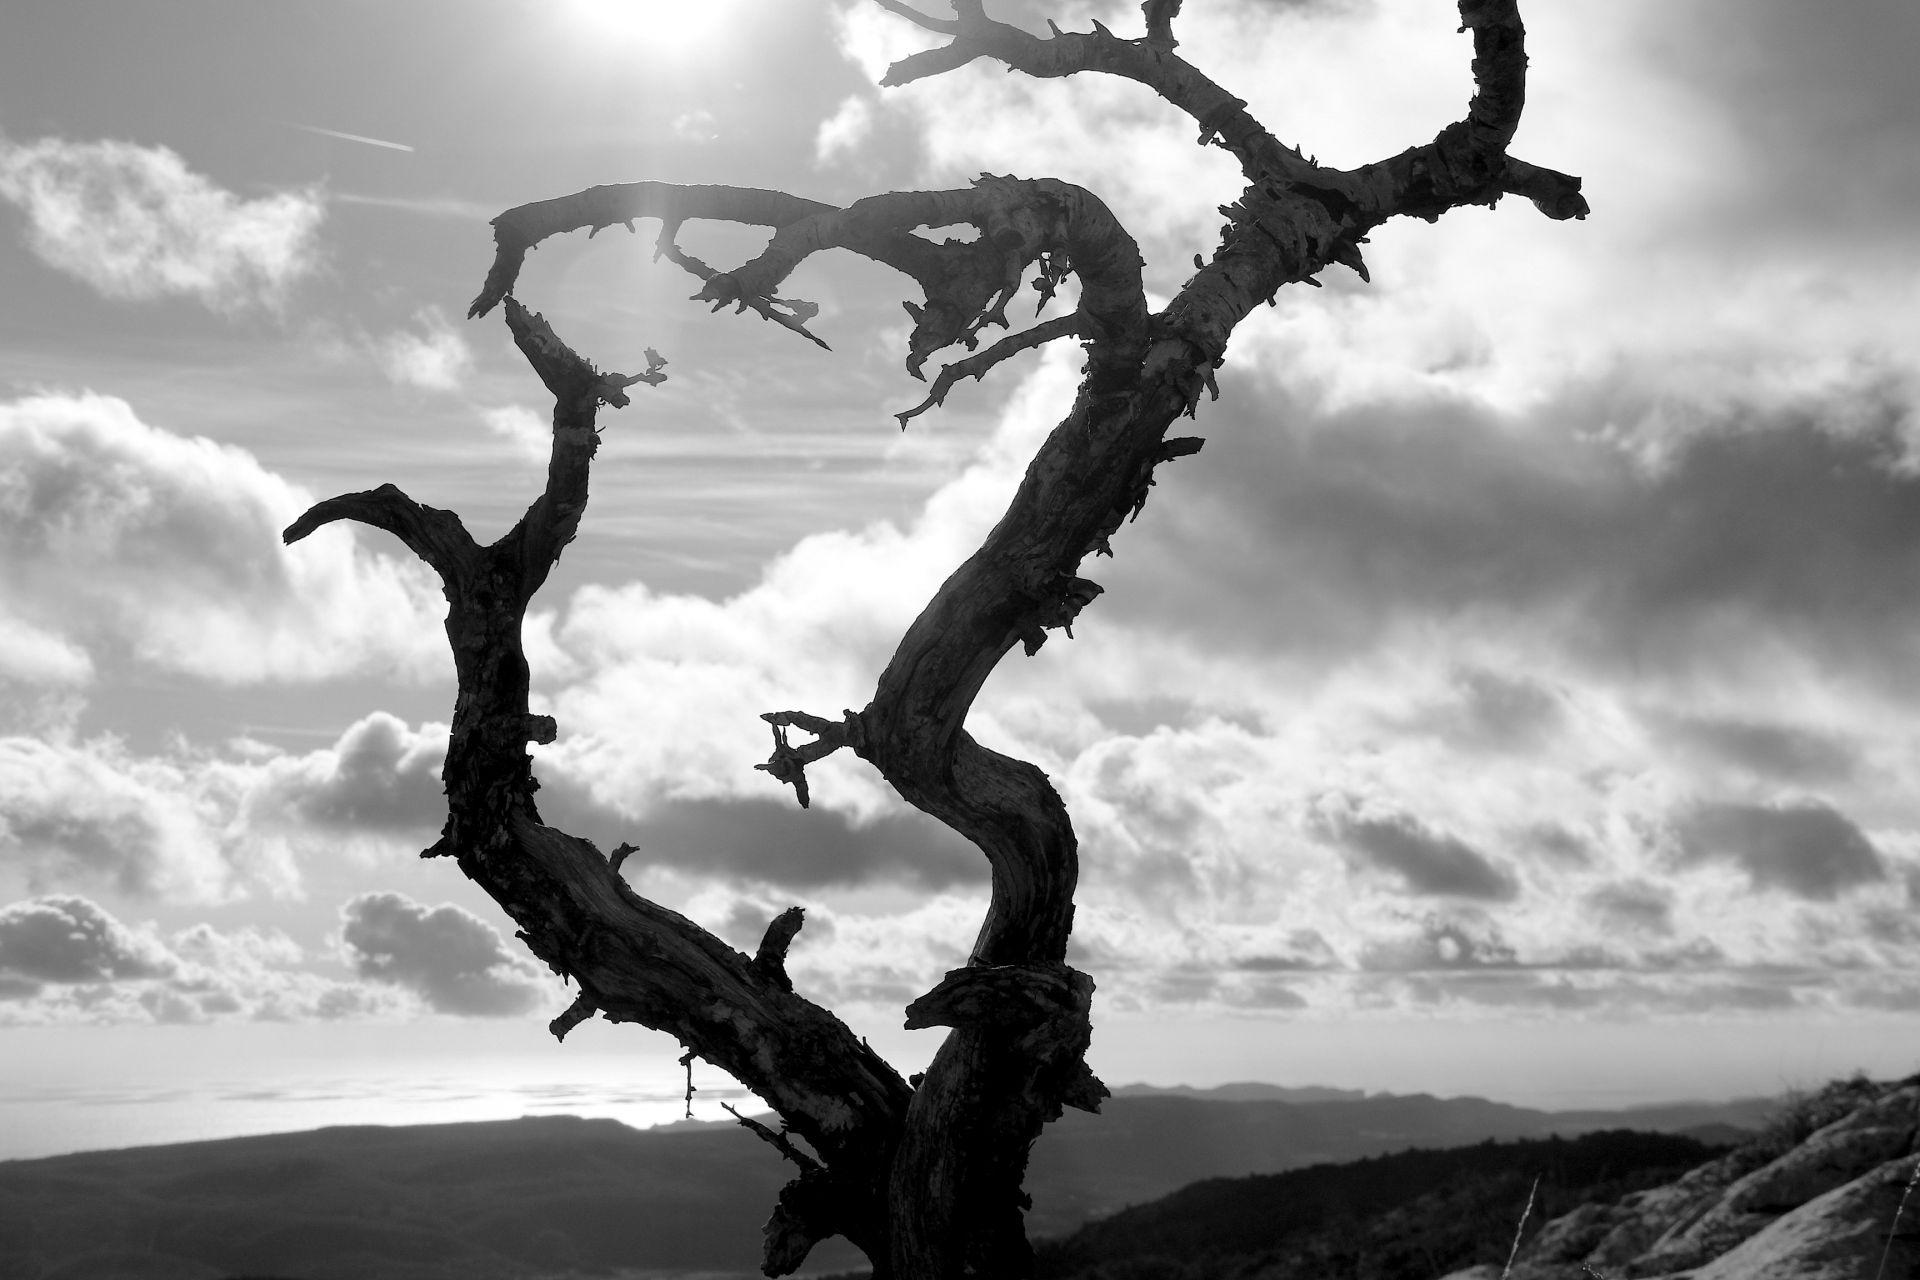 Les photographes de Joomeo : De l'obscurité à la lumière avec Michel Renard